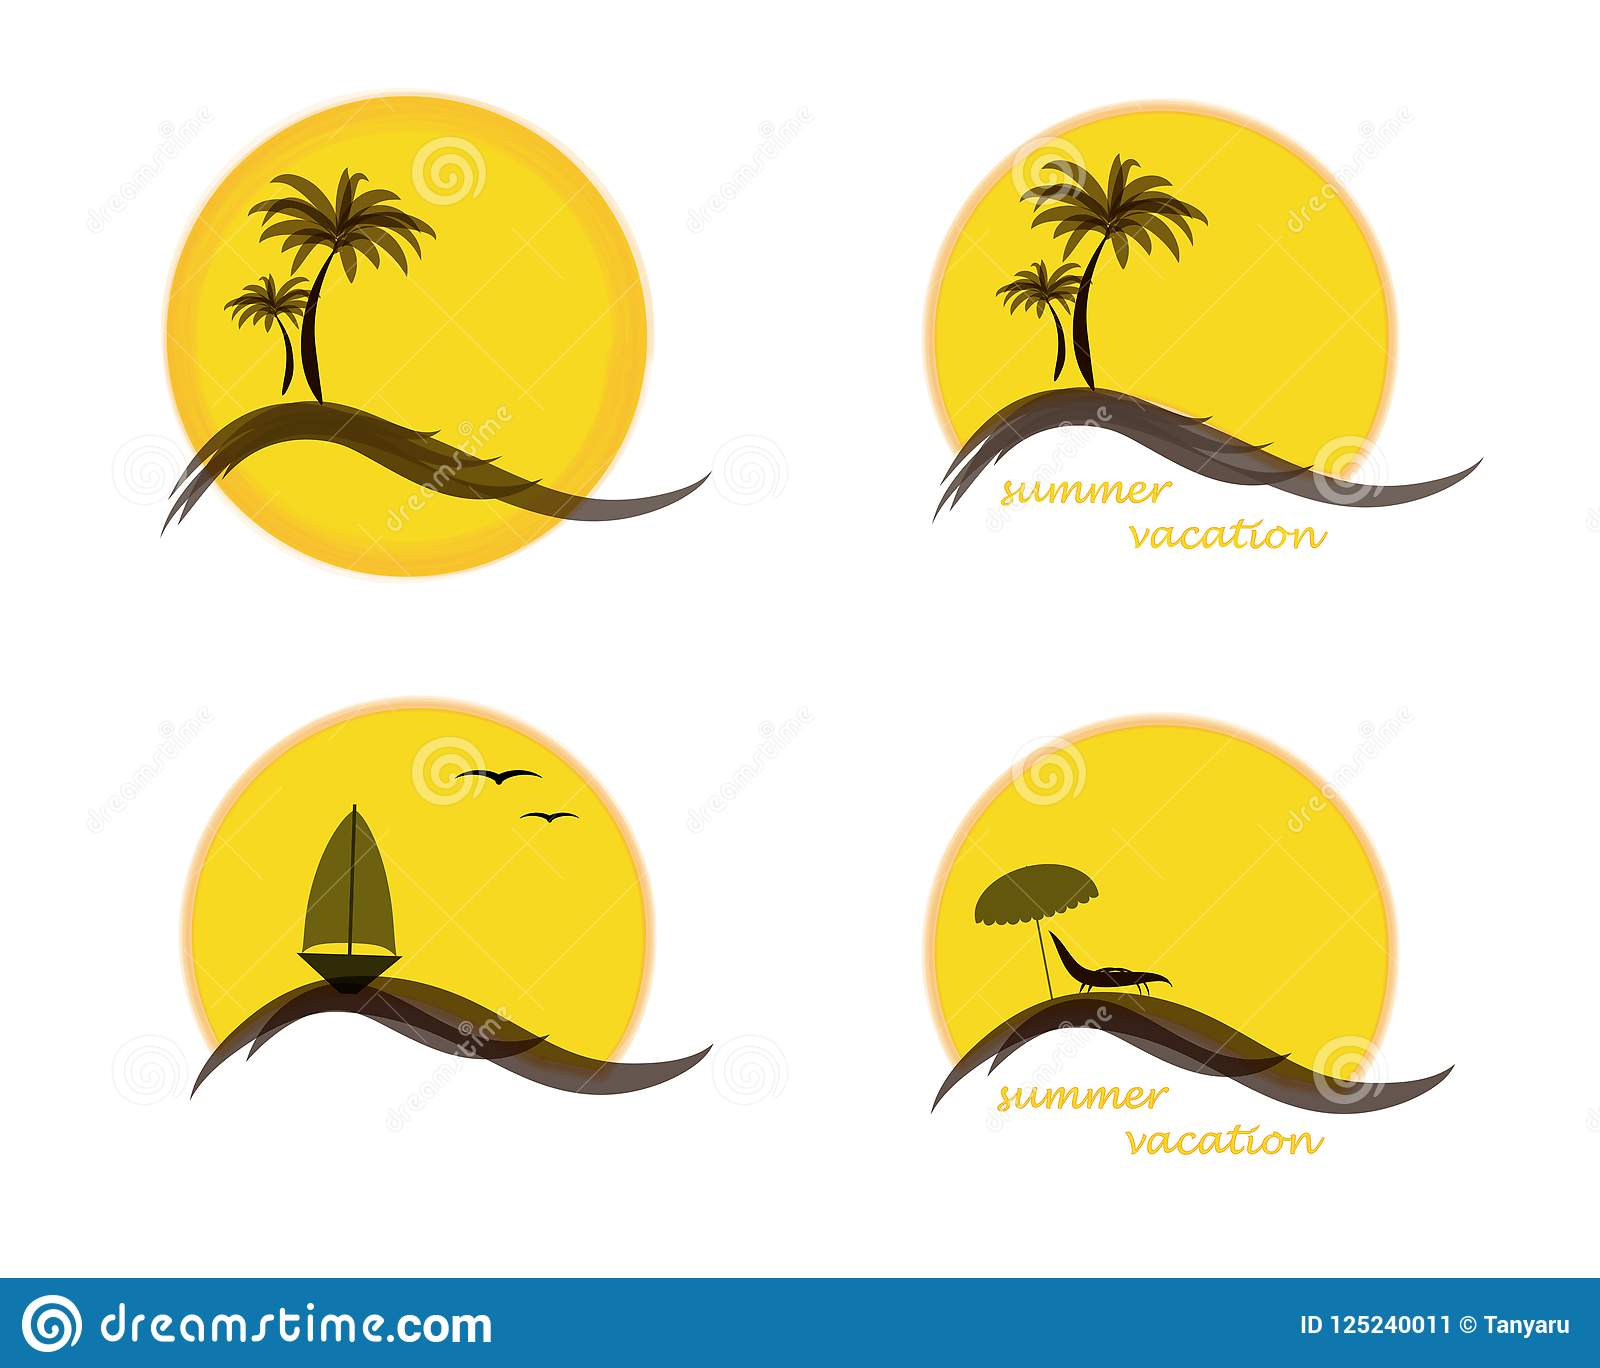 Vier-Sommer-Logo mit Sonne, Palmen, Ozean oder Meer, Segelschiff und Strand, Vektorillustration lokalisiert auf Weiß